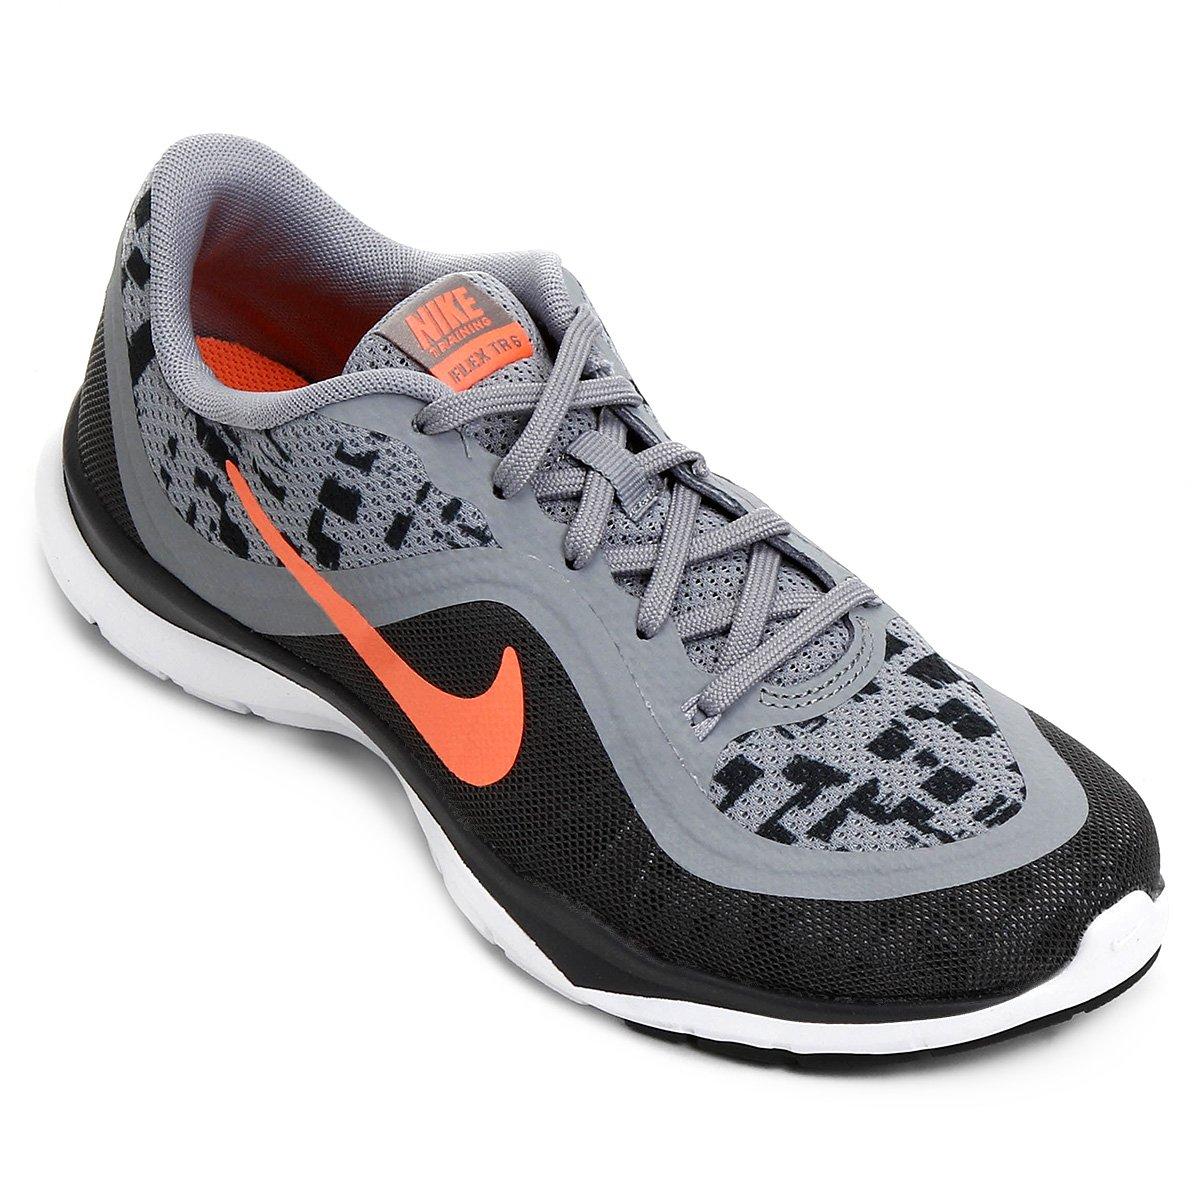 1801e4e603d Tênis Nike Flex Trainer 6 Print Feminino - Compre Agora